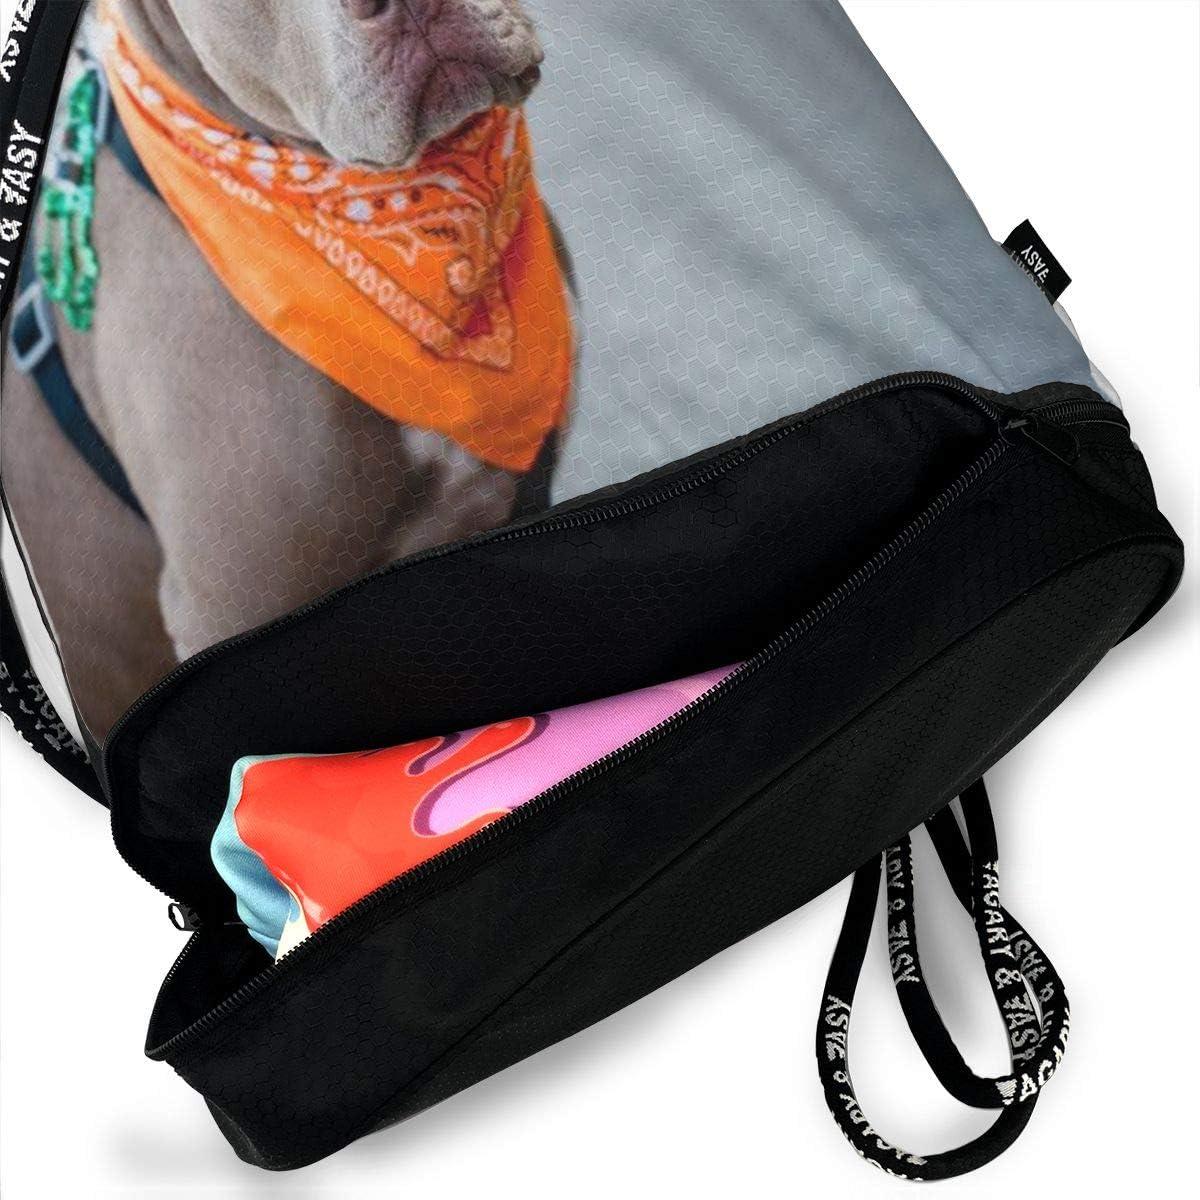 GymSack Drawstring Bag Sackpack Sorrowful Dog Sport Cinch Pack Simple Bundle Pocke Backpack For Men Women